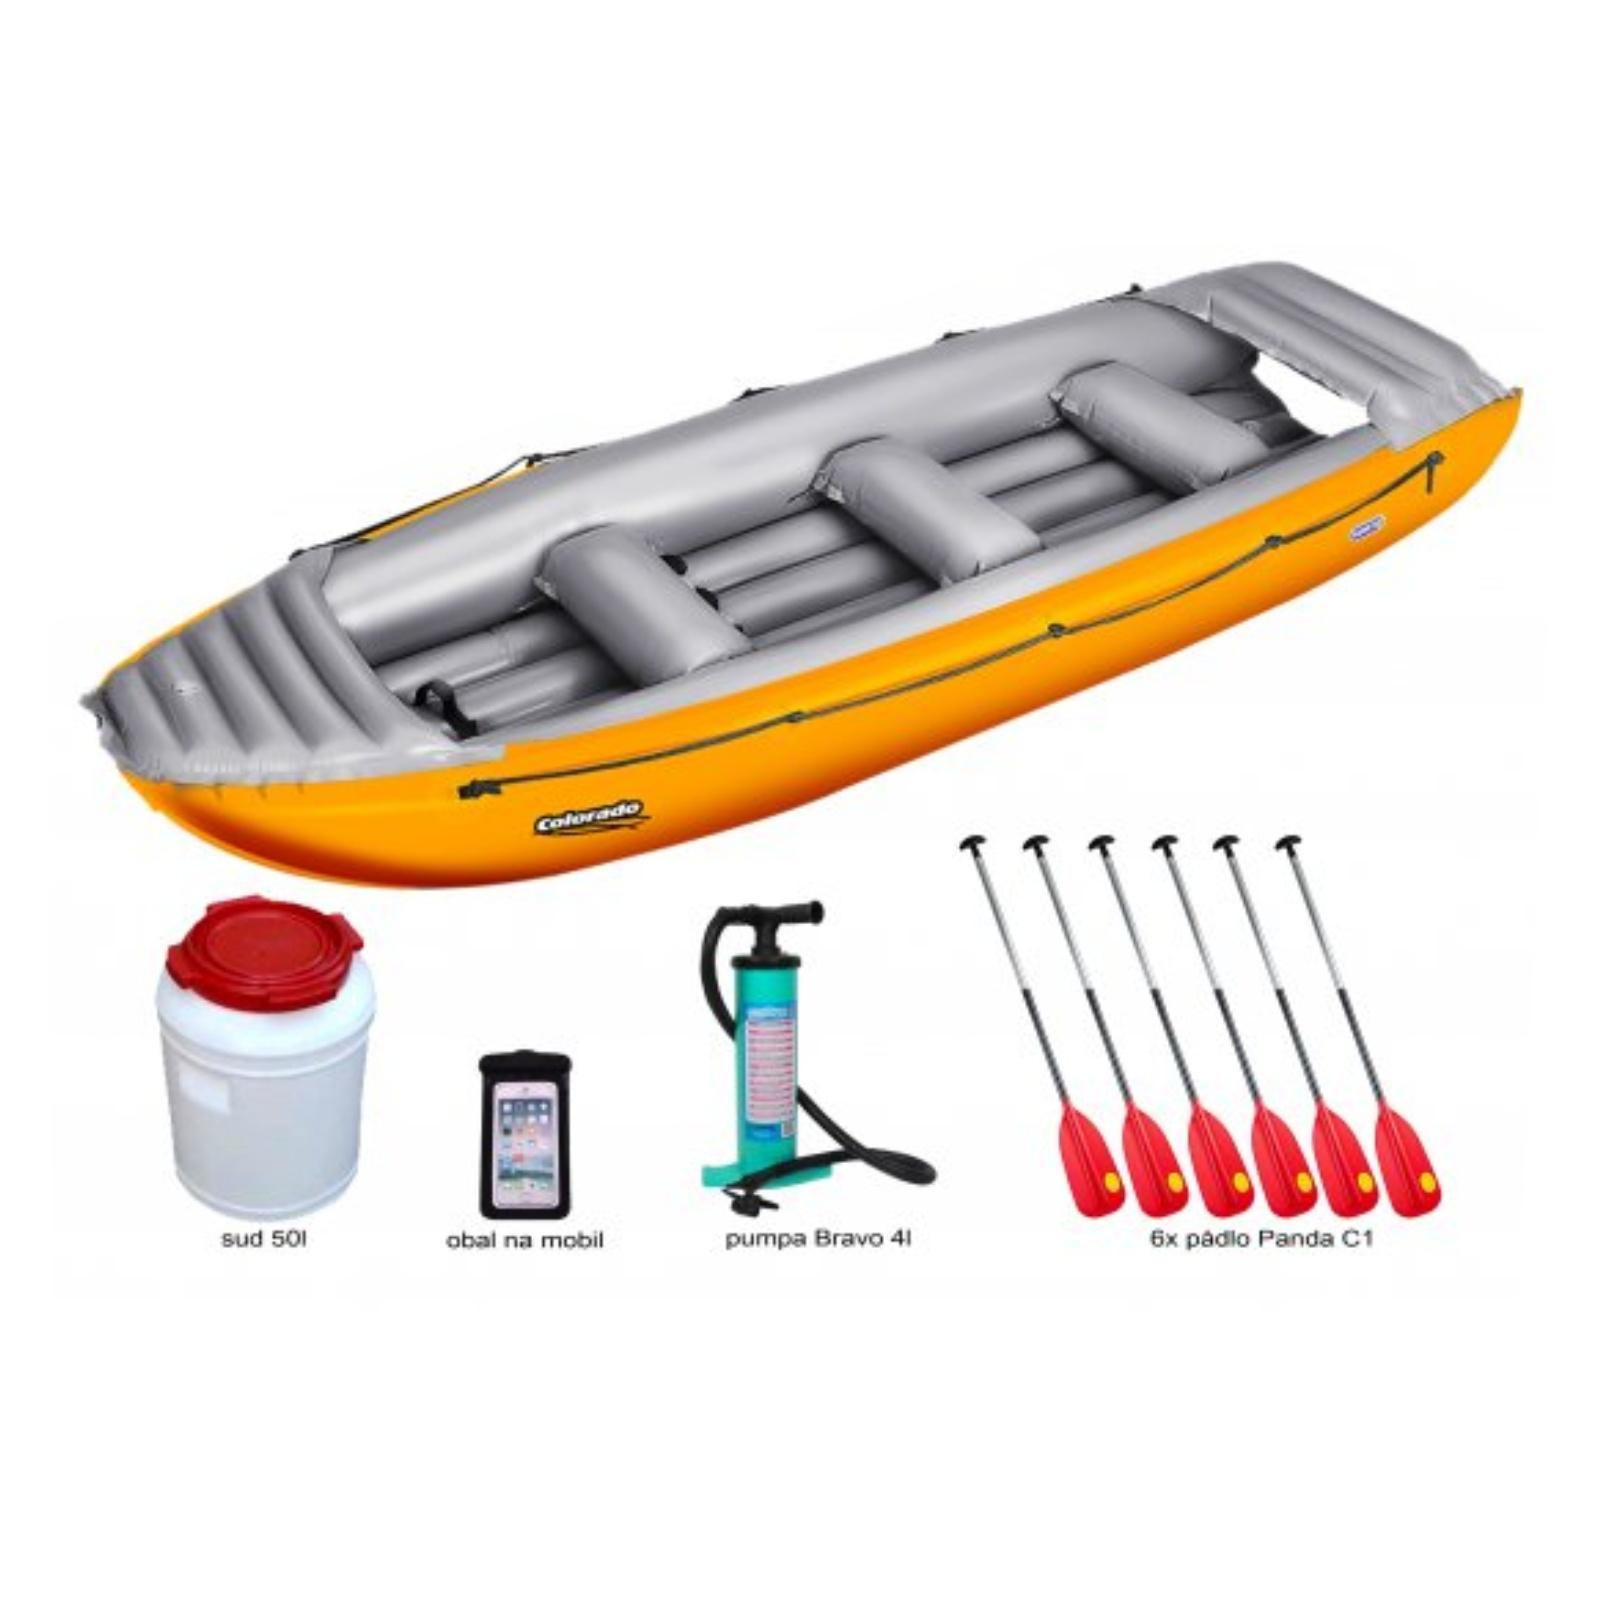 Nafukovací čln GUMOTEX Colorado 450 SET - oranžovo-šedý